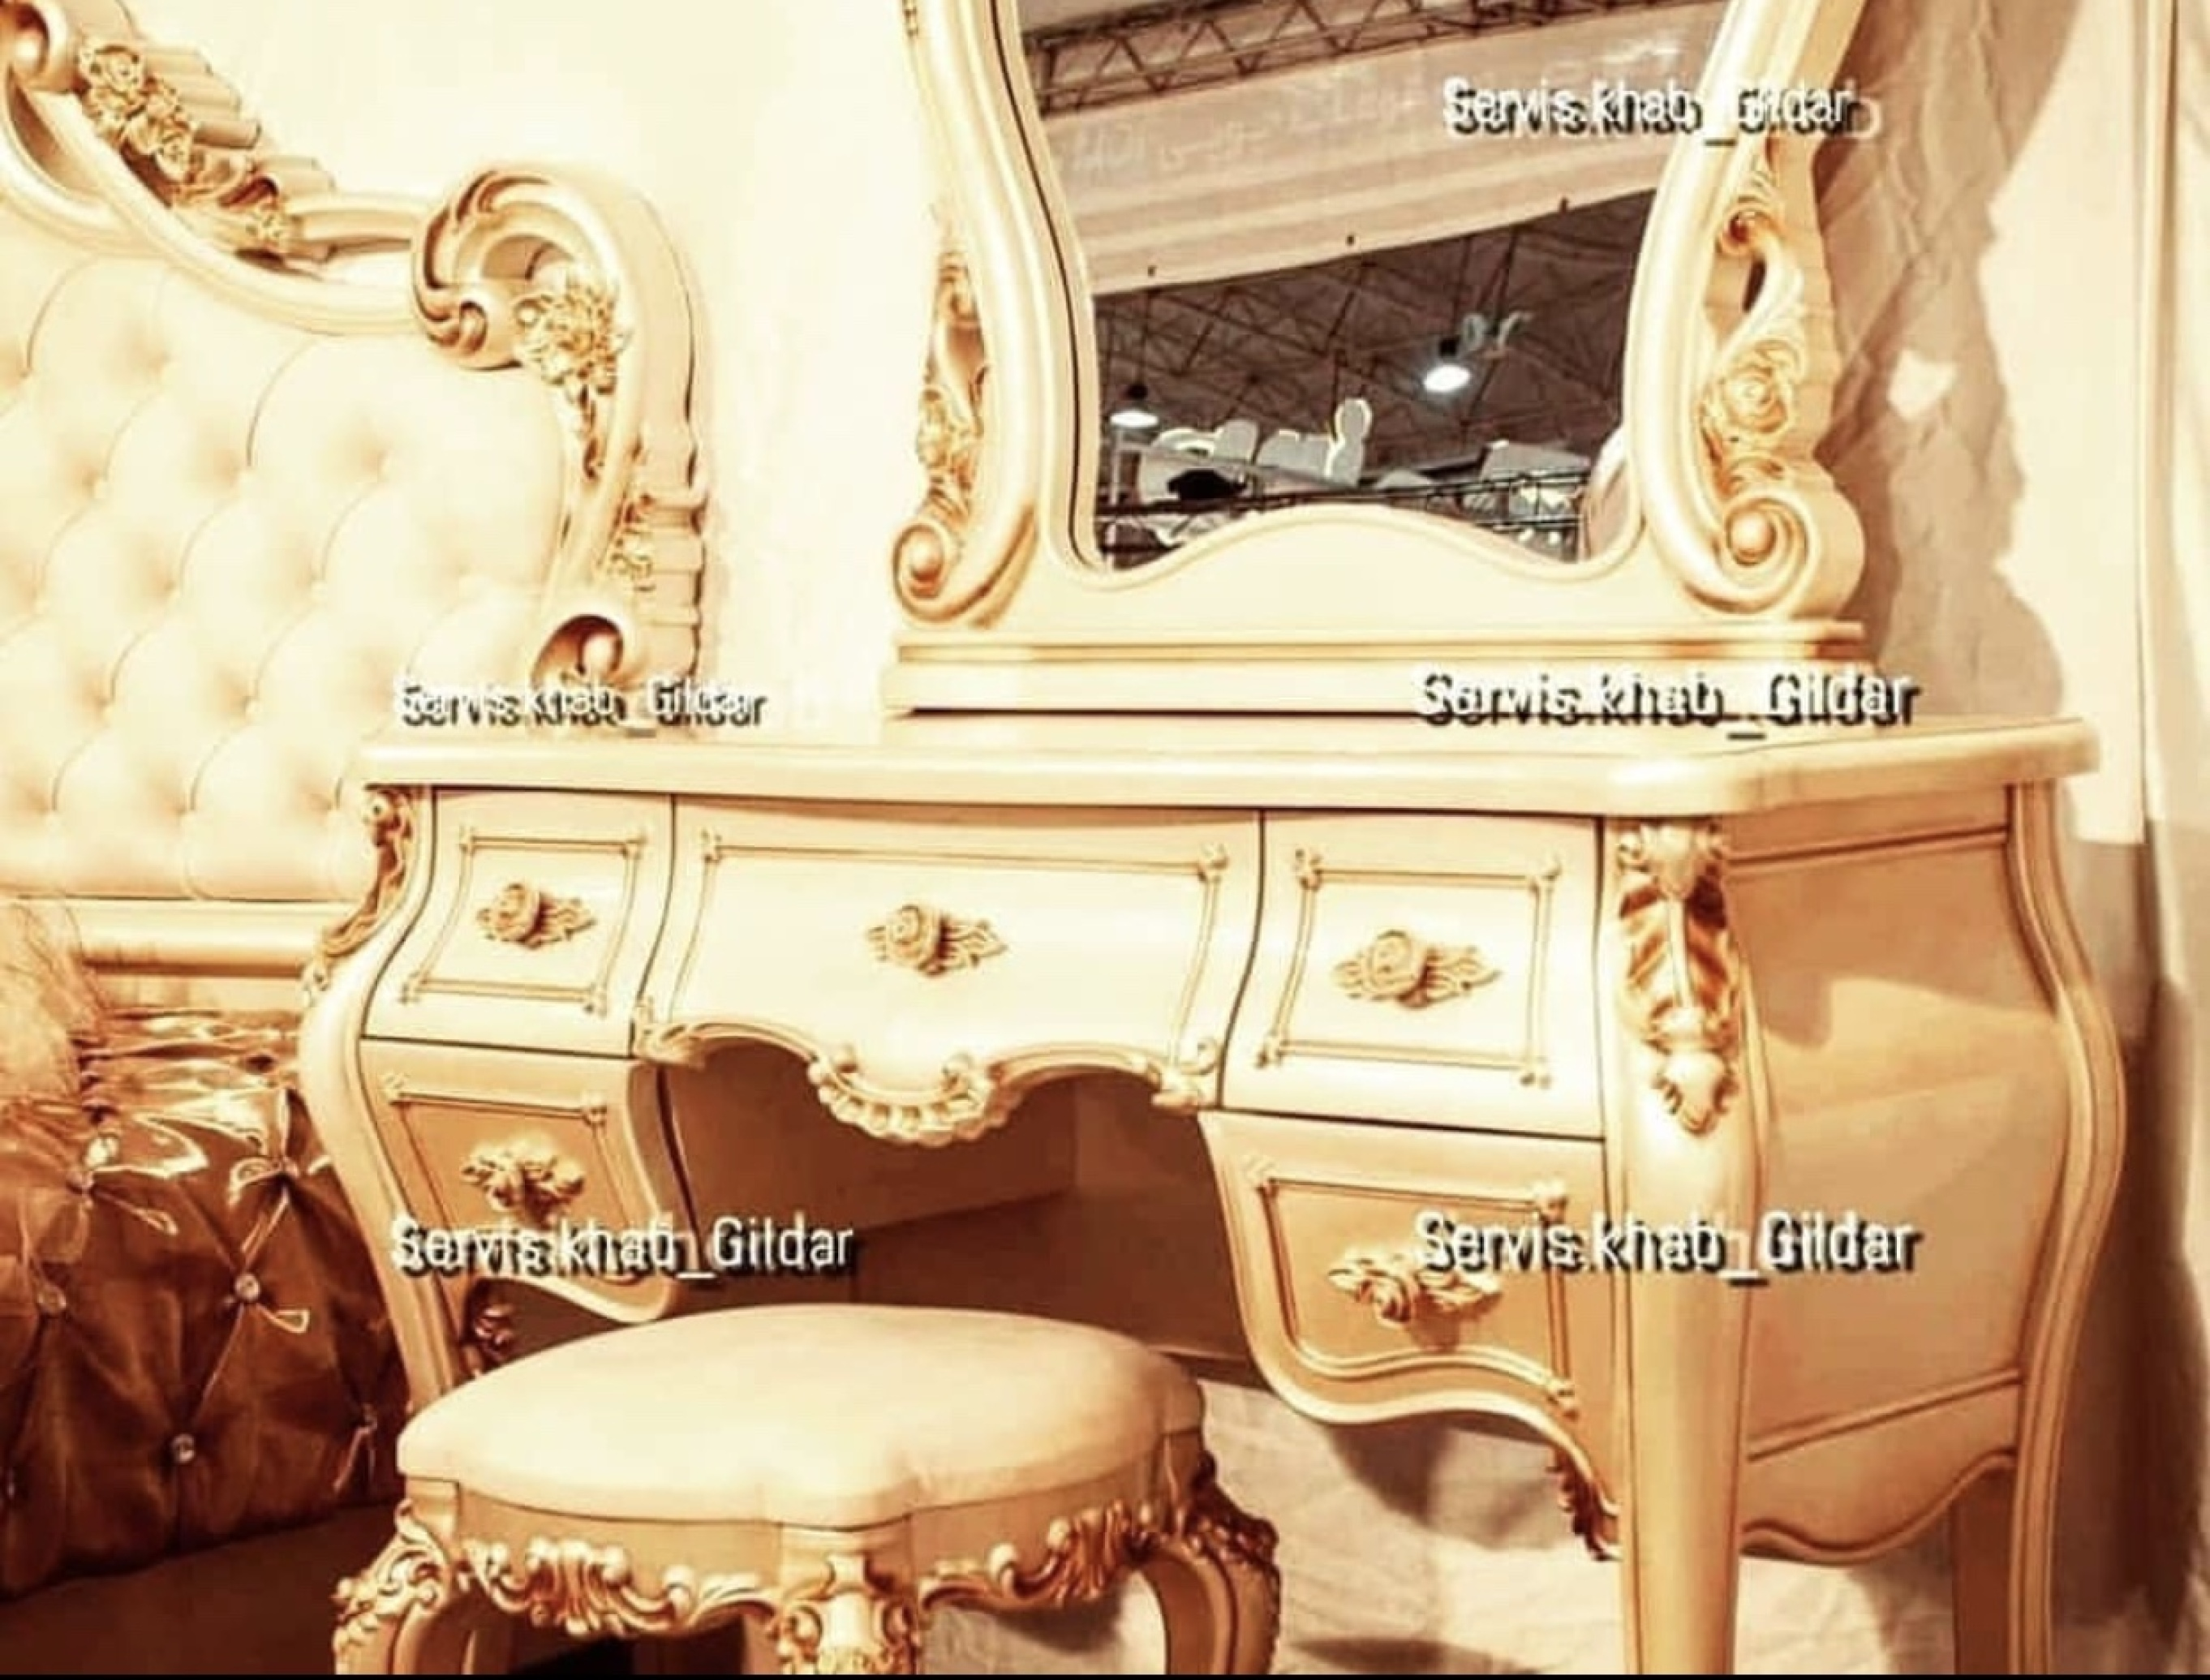 قیمت سرویس خواب کلاسیک مدل کاراکو